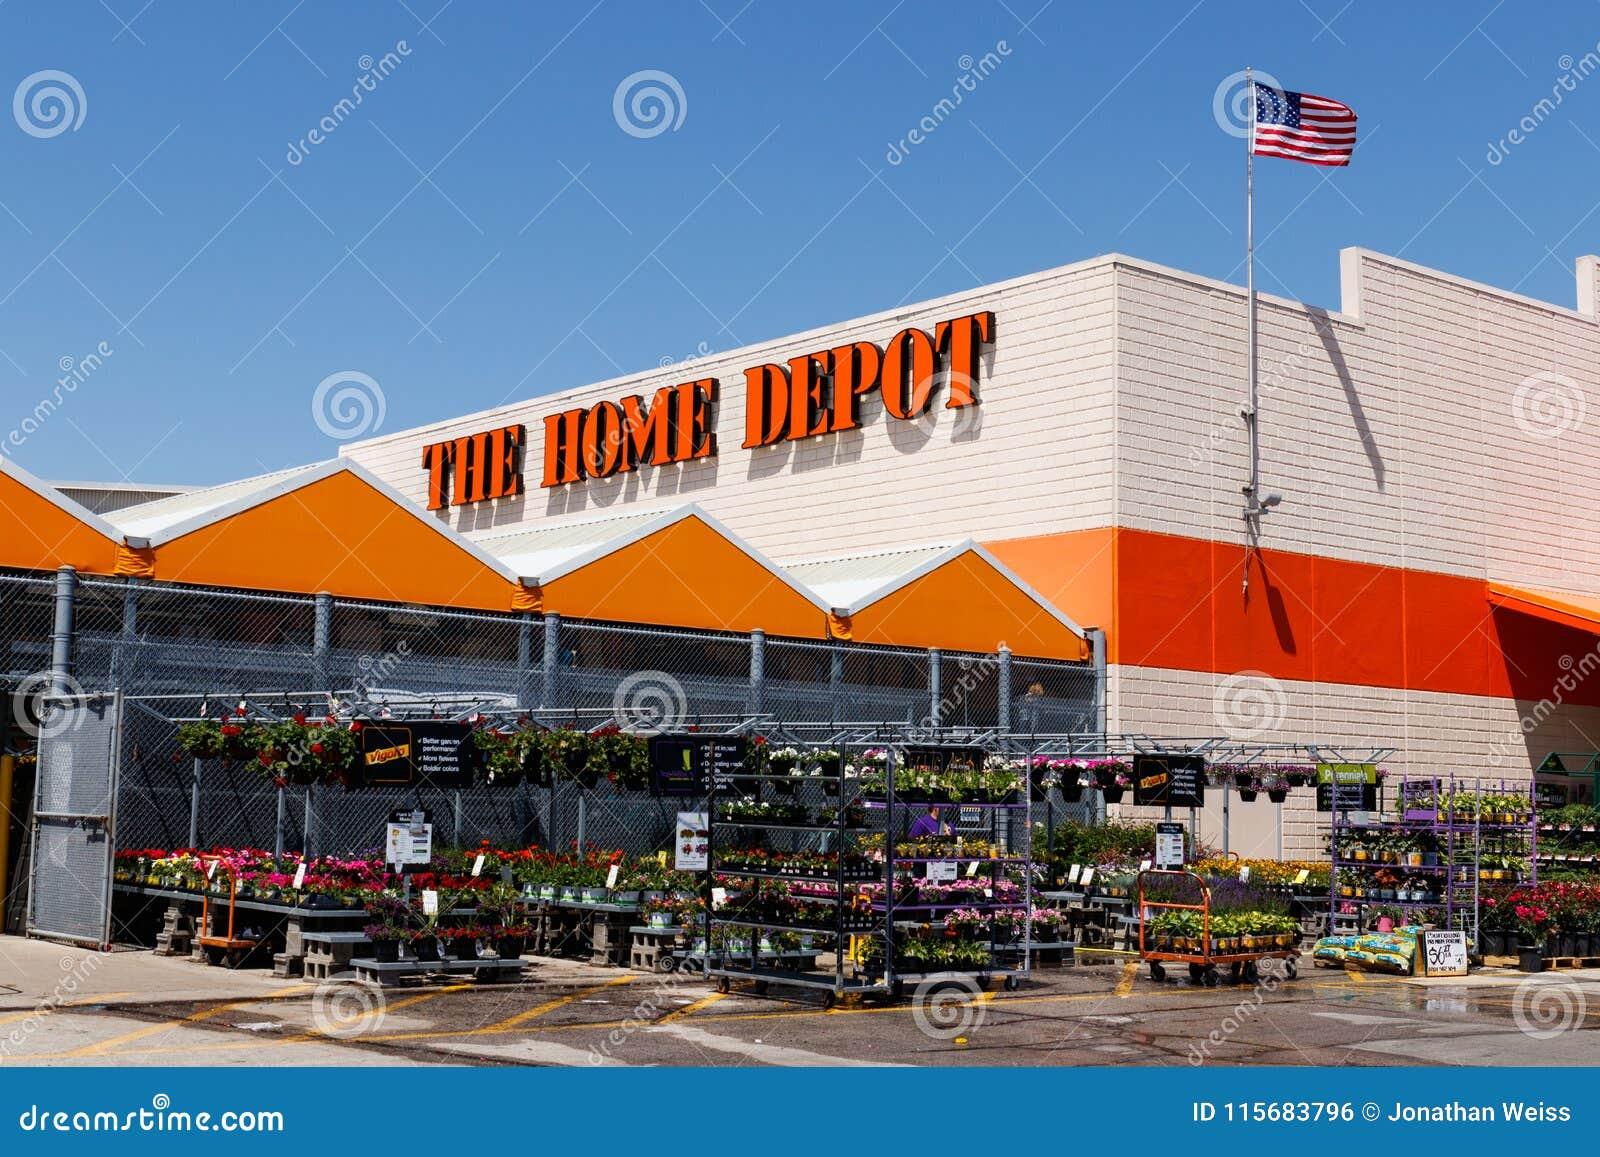 印第安纳波利斯-大约2018年5月:挂美国国旗的家得宝地点 家得宝是最大的住所改善零售商我